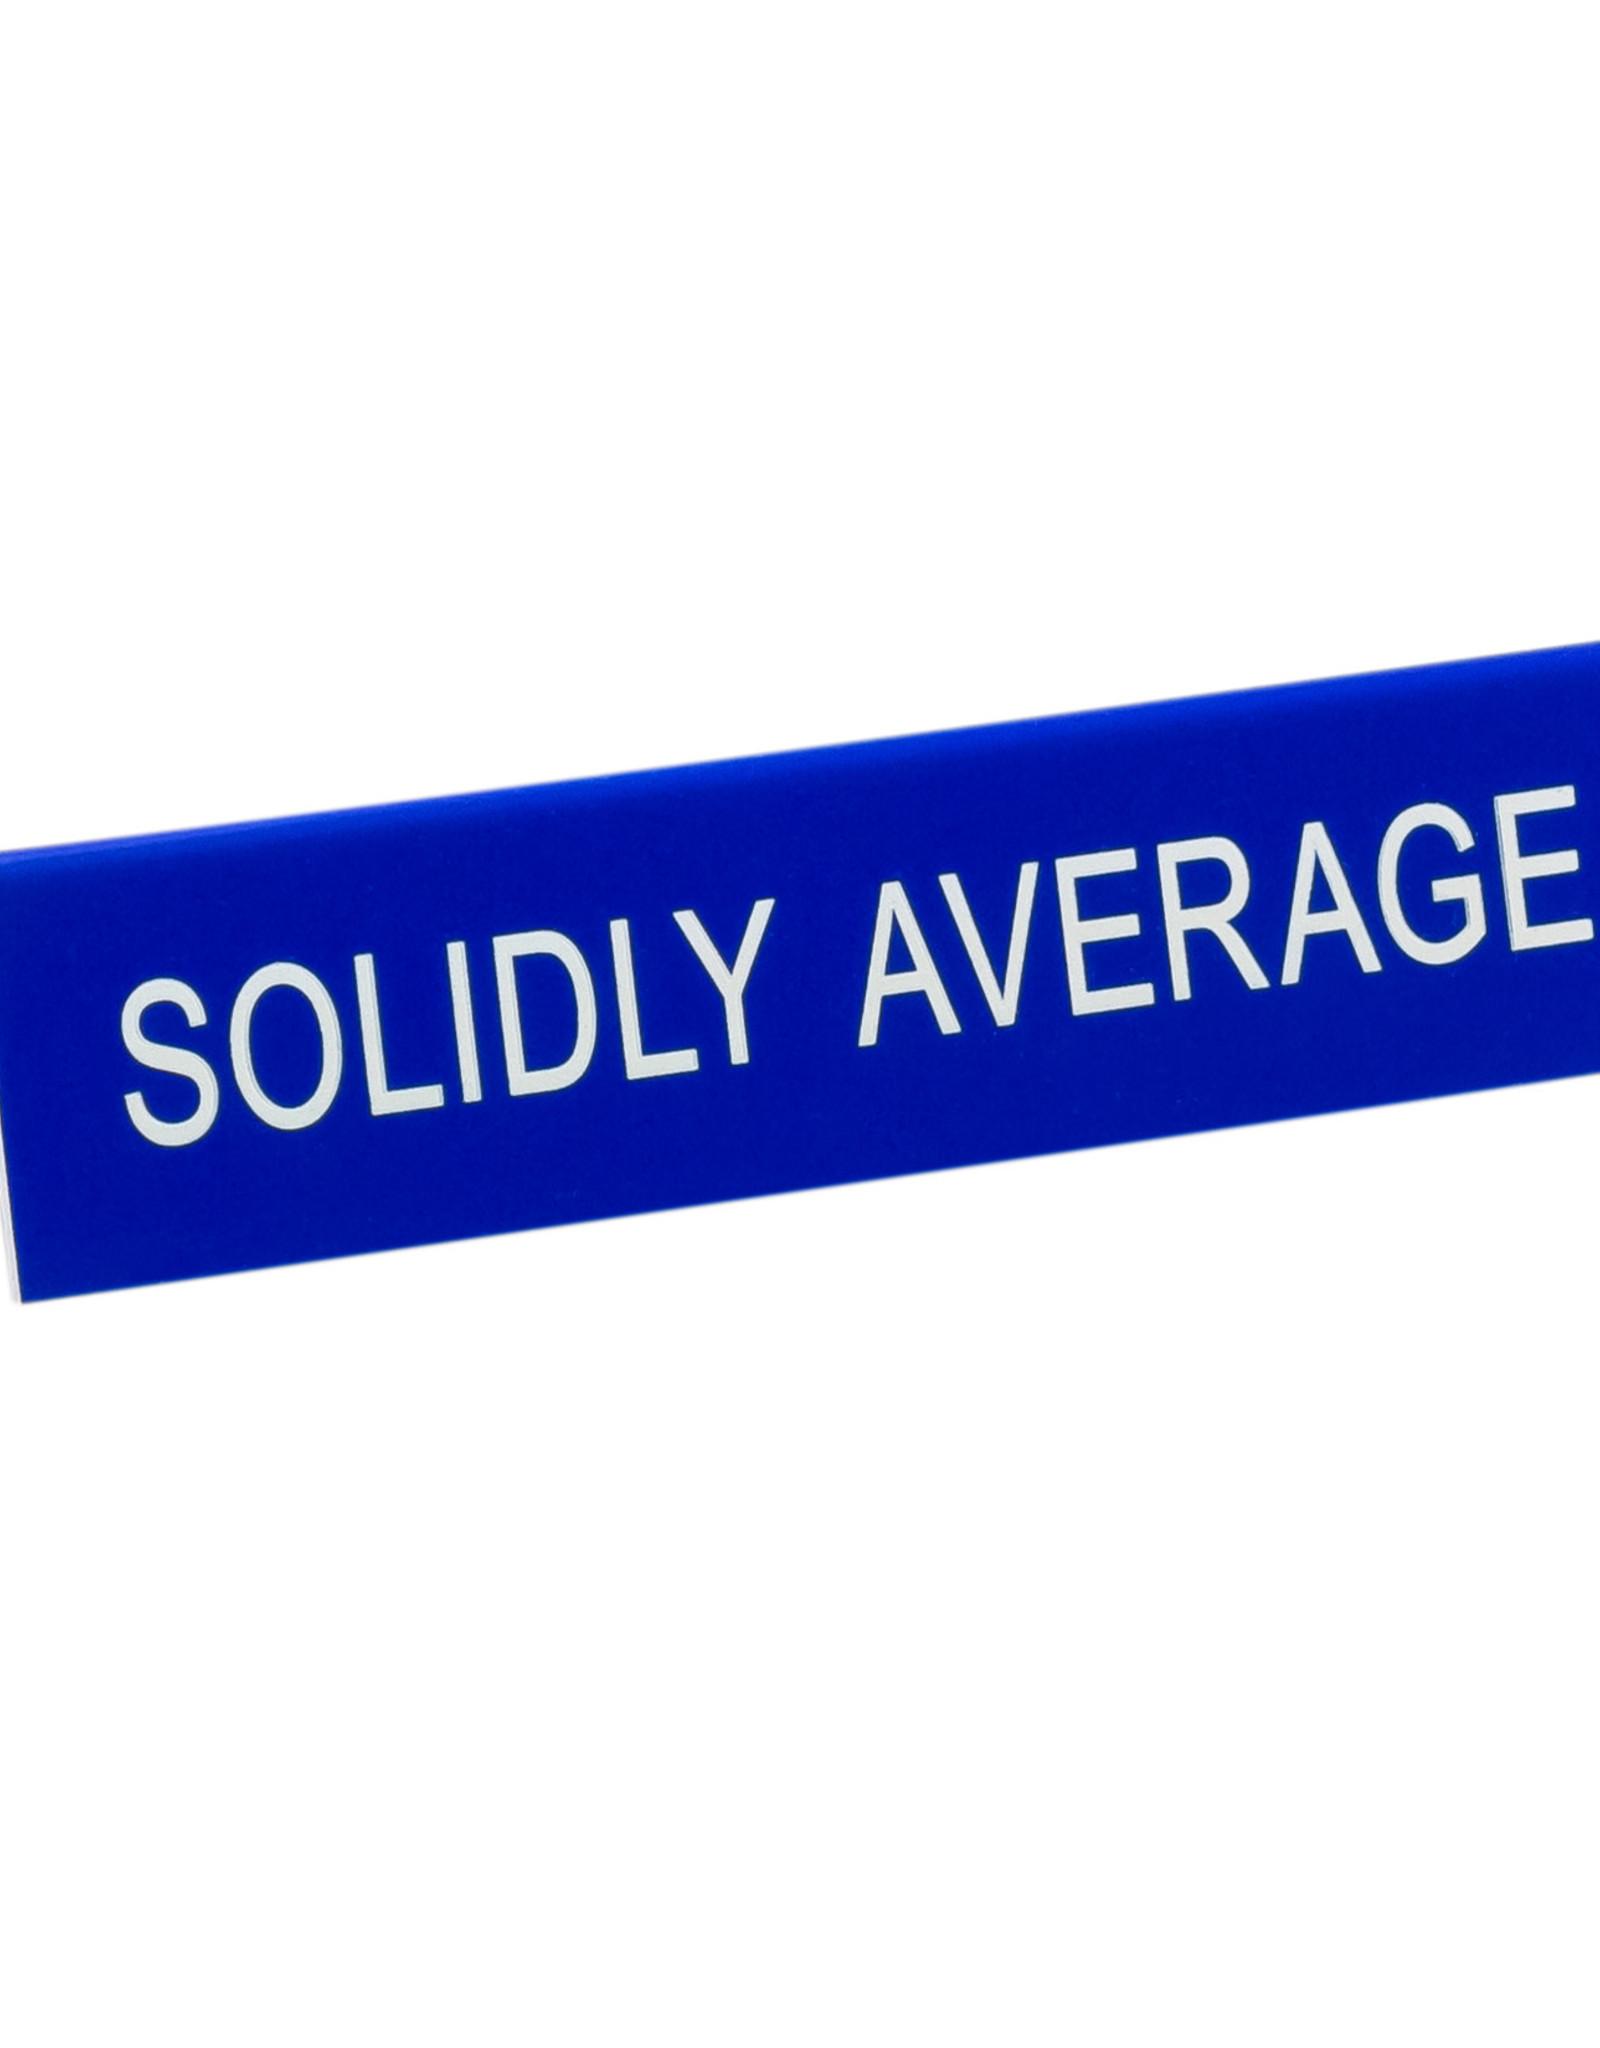 Sign (Desk) - Solidly Average